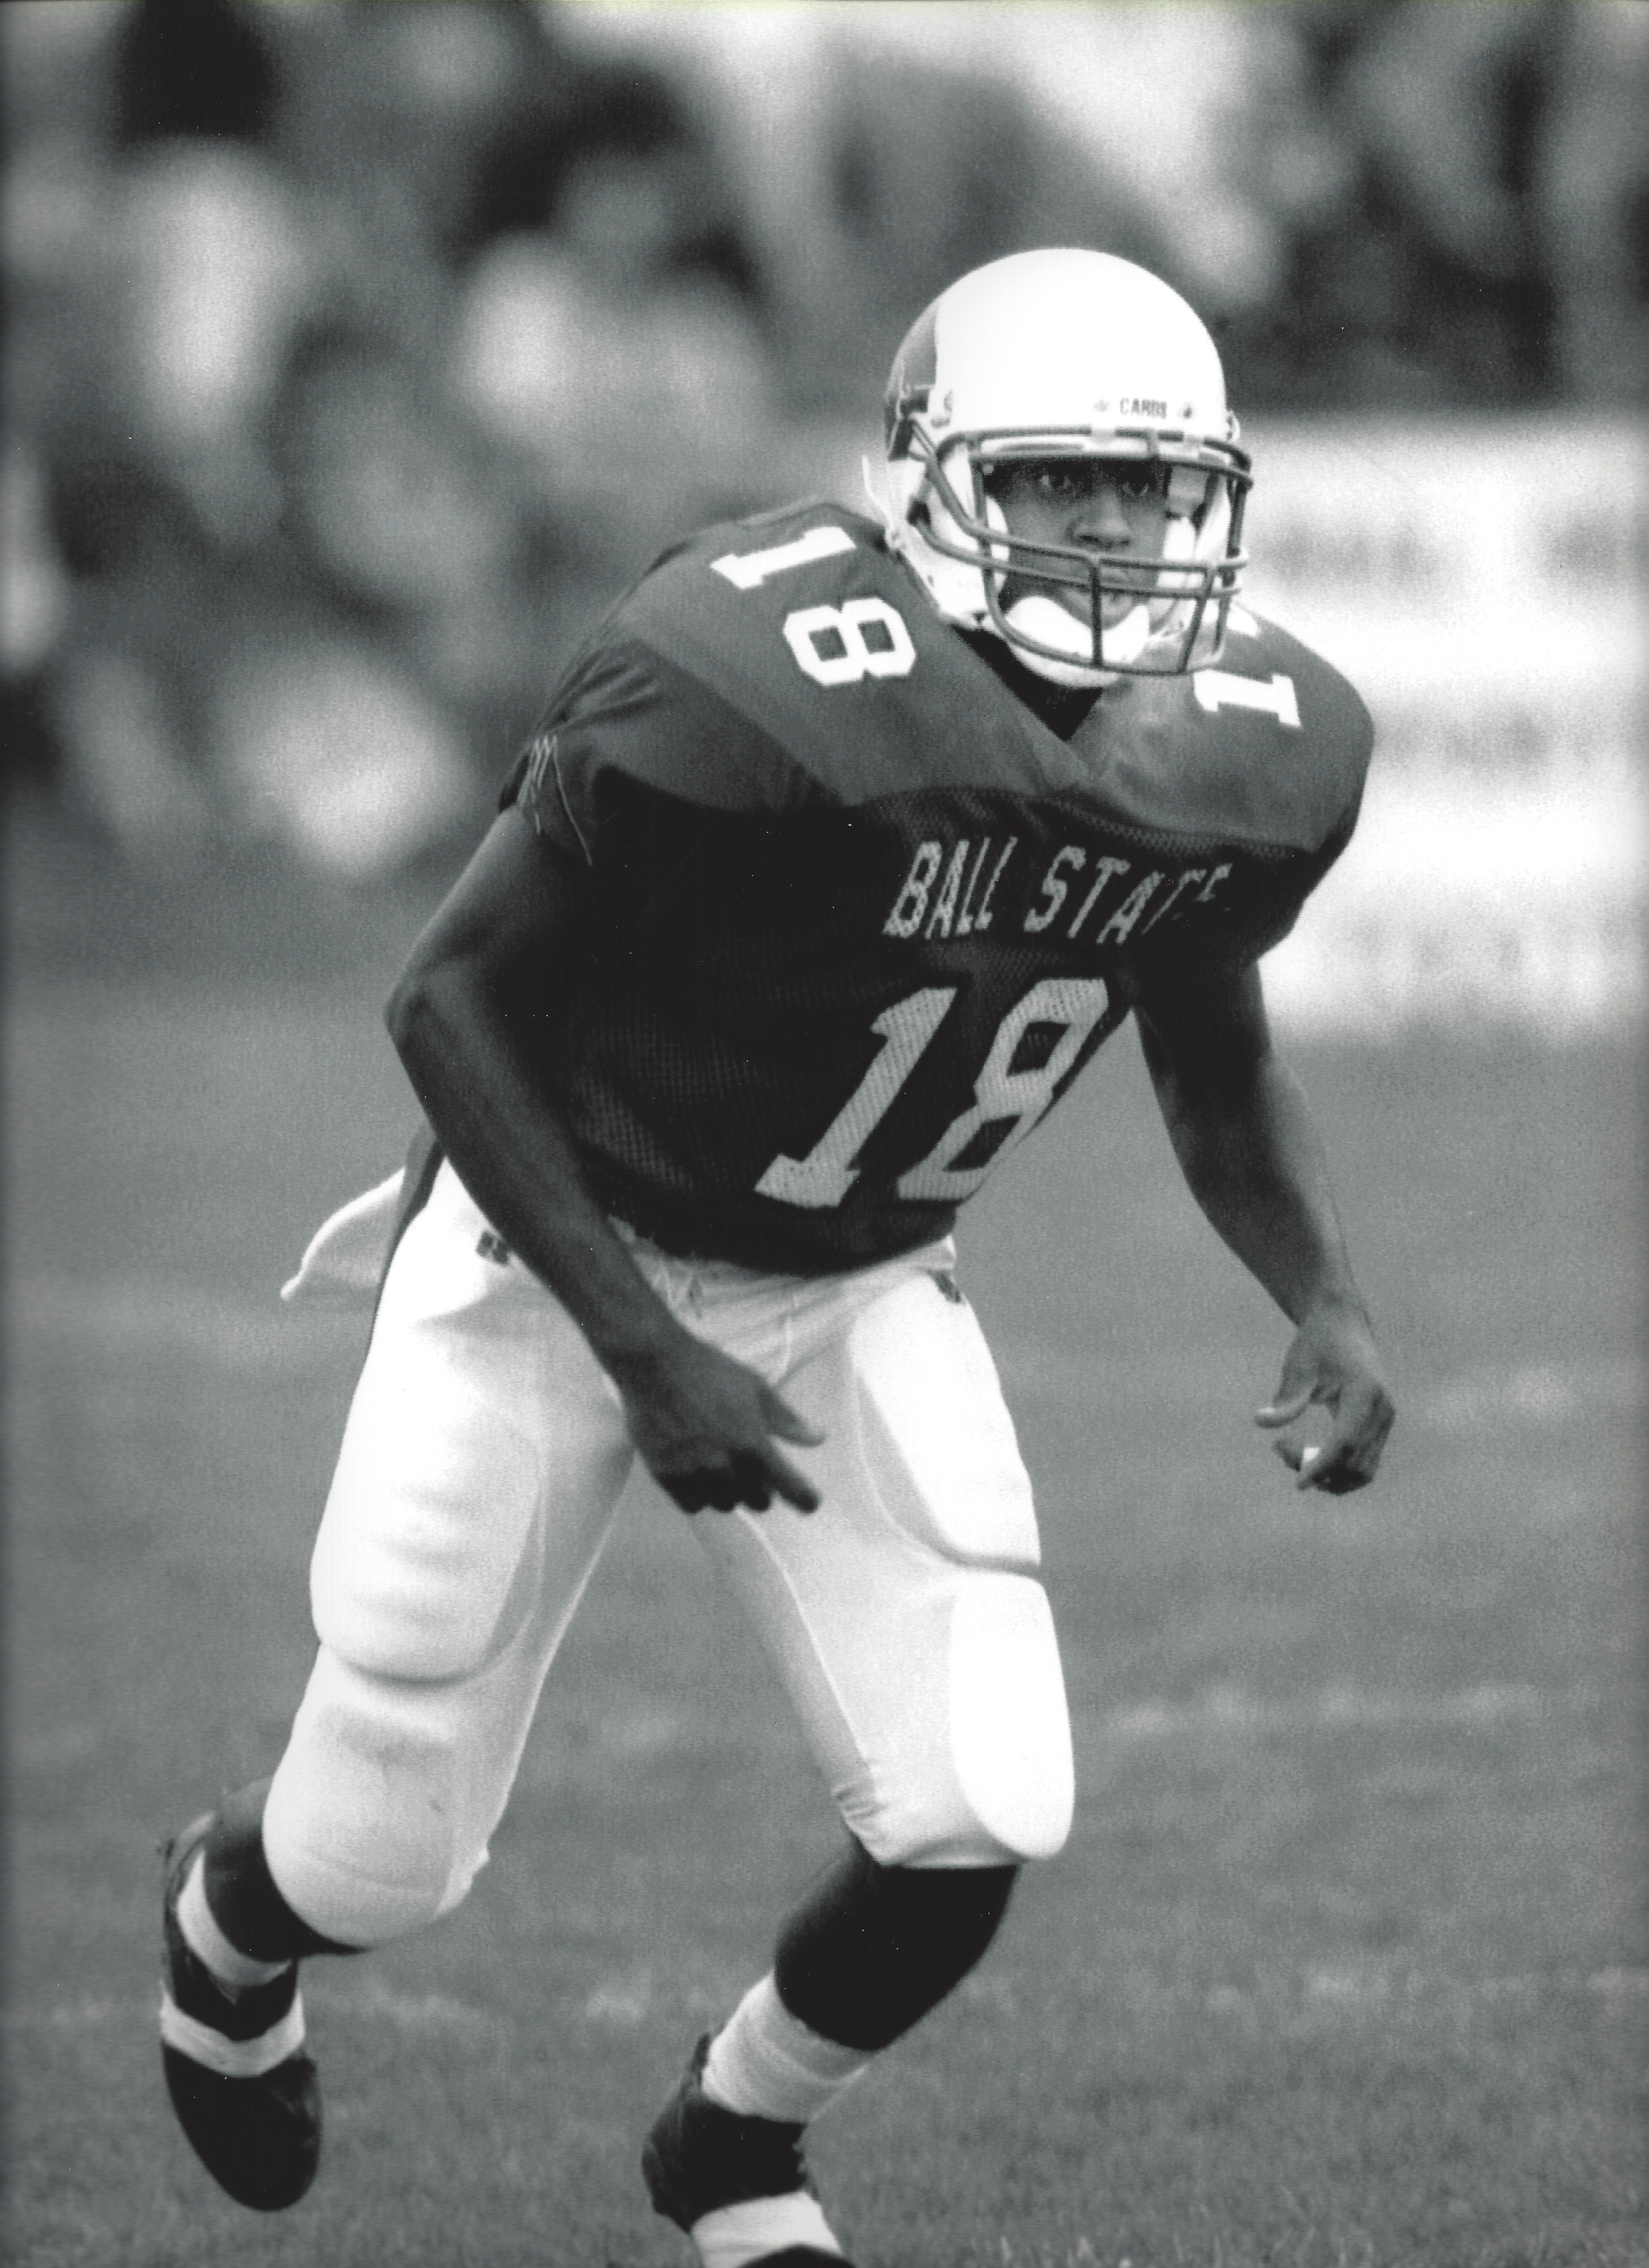 Jason Wize Ball State Football 2